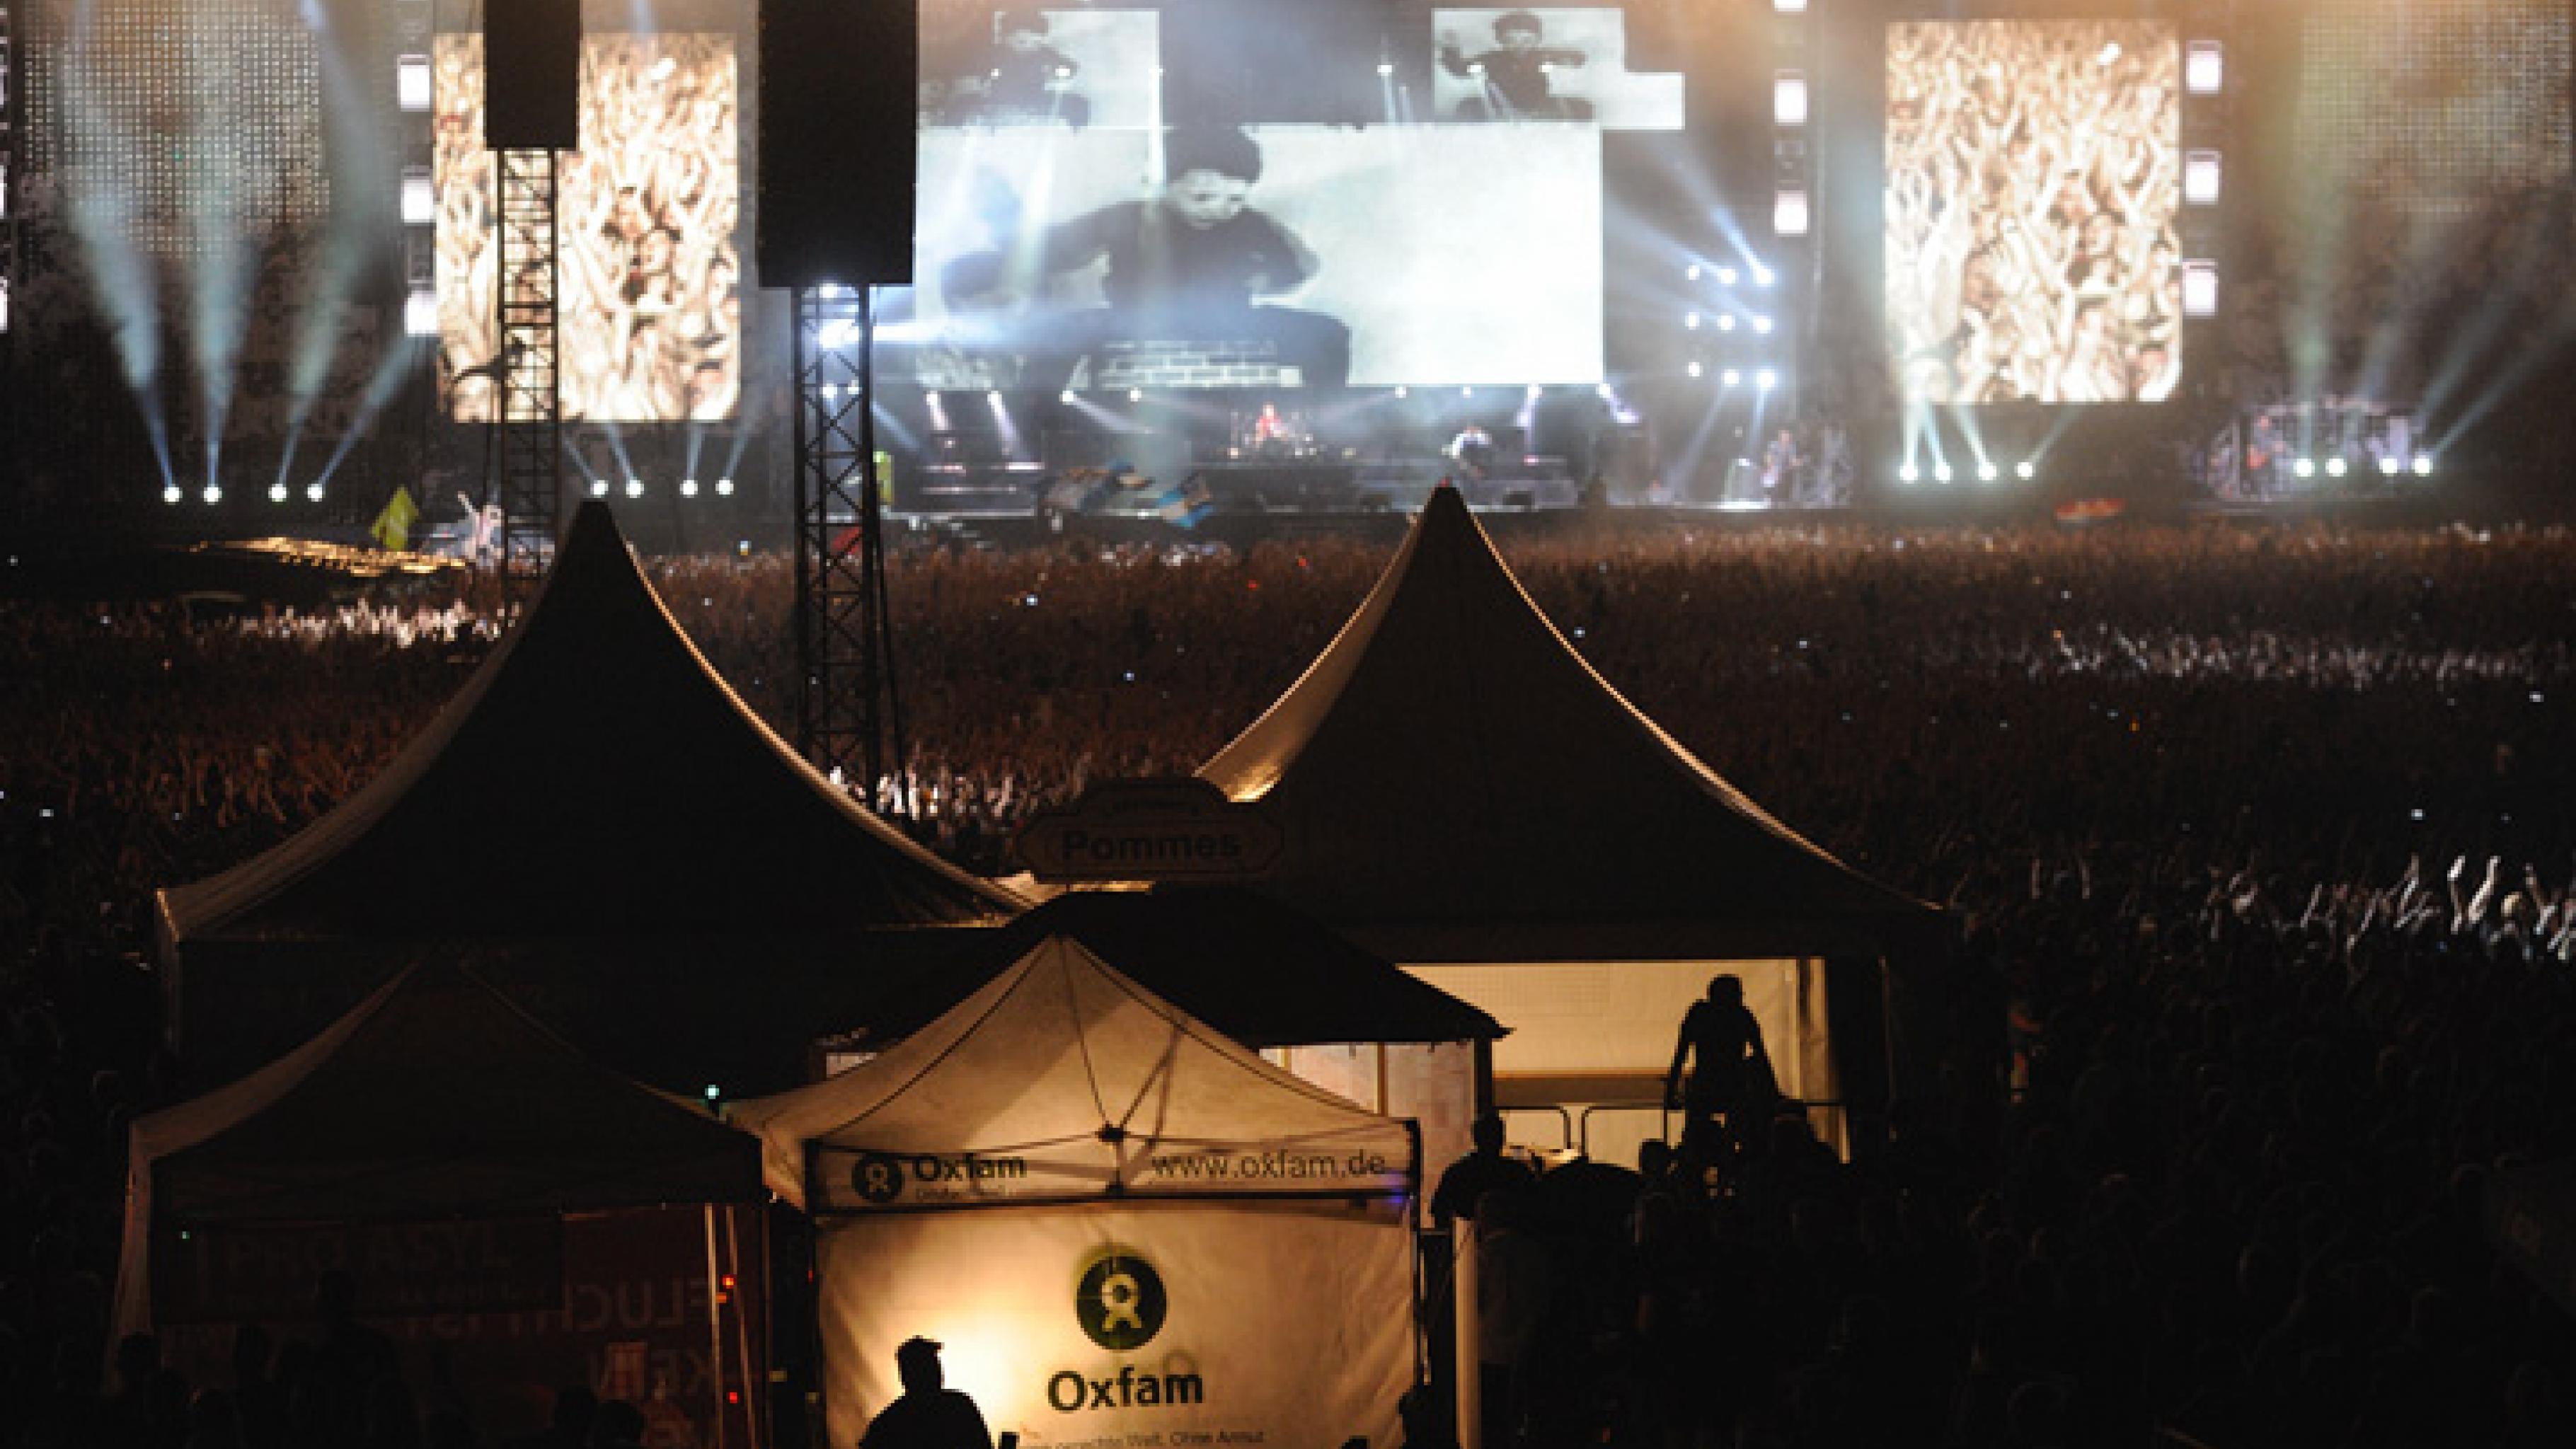 Ein hell beleuchtetes Oxfam-Zelt vor großer Bühne